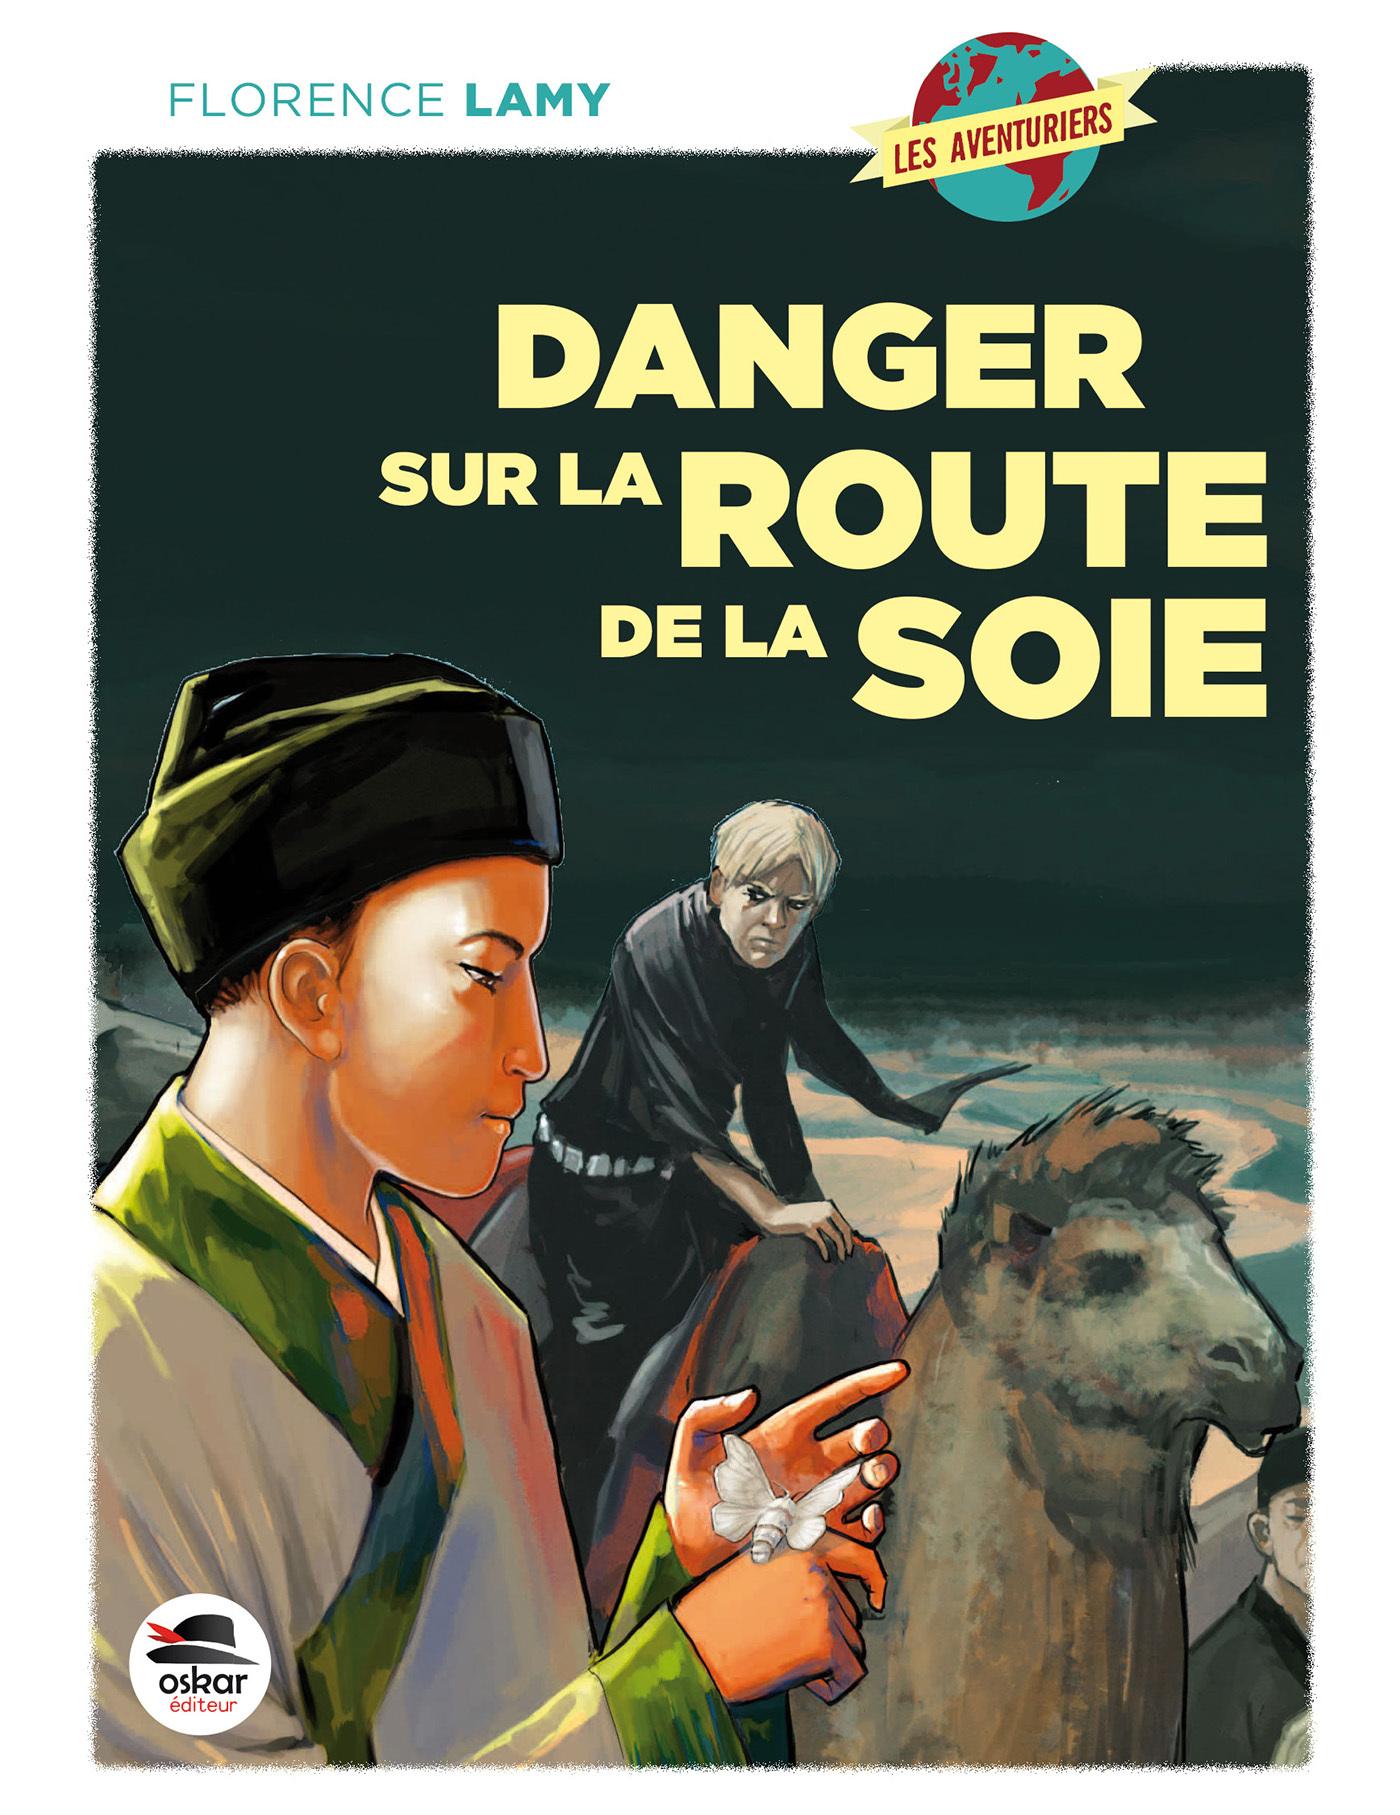 DANGER SUR LA ROUTE DE LA SOIE